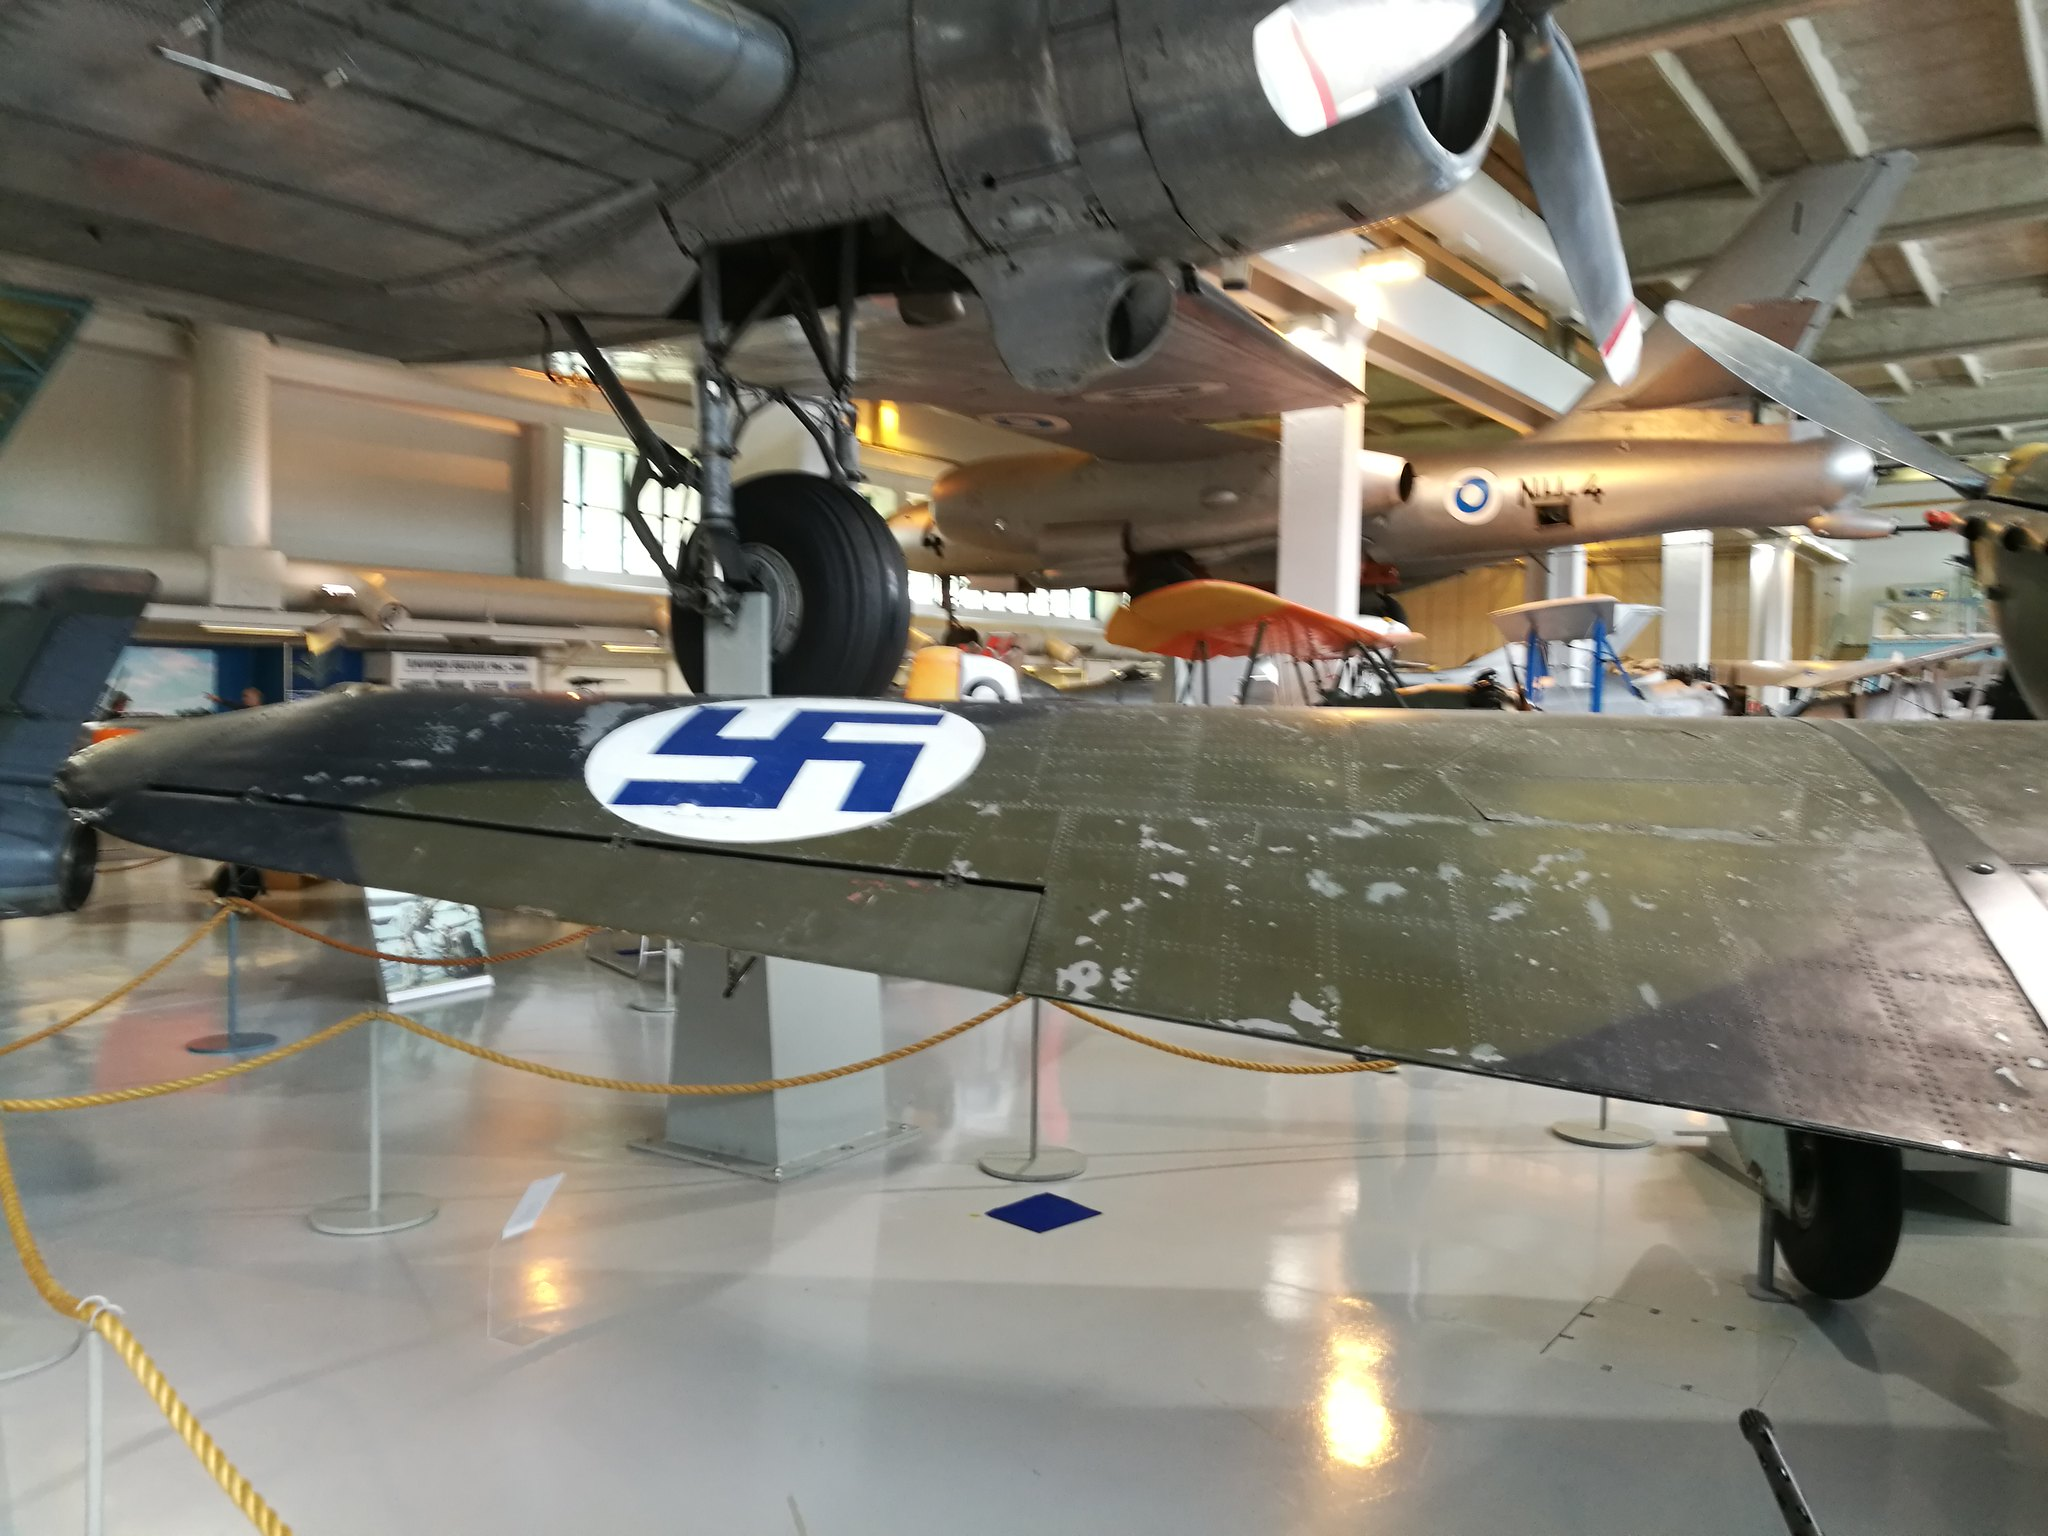 Hemkommen från semester i Finland med utflykt till Finlands Flygvapenmuseum. 48287484002_52c26316ff_k